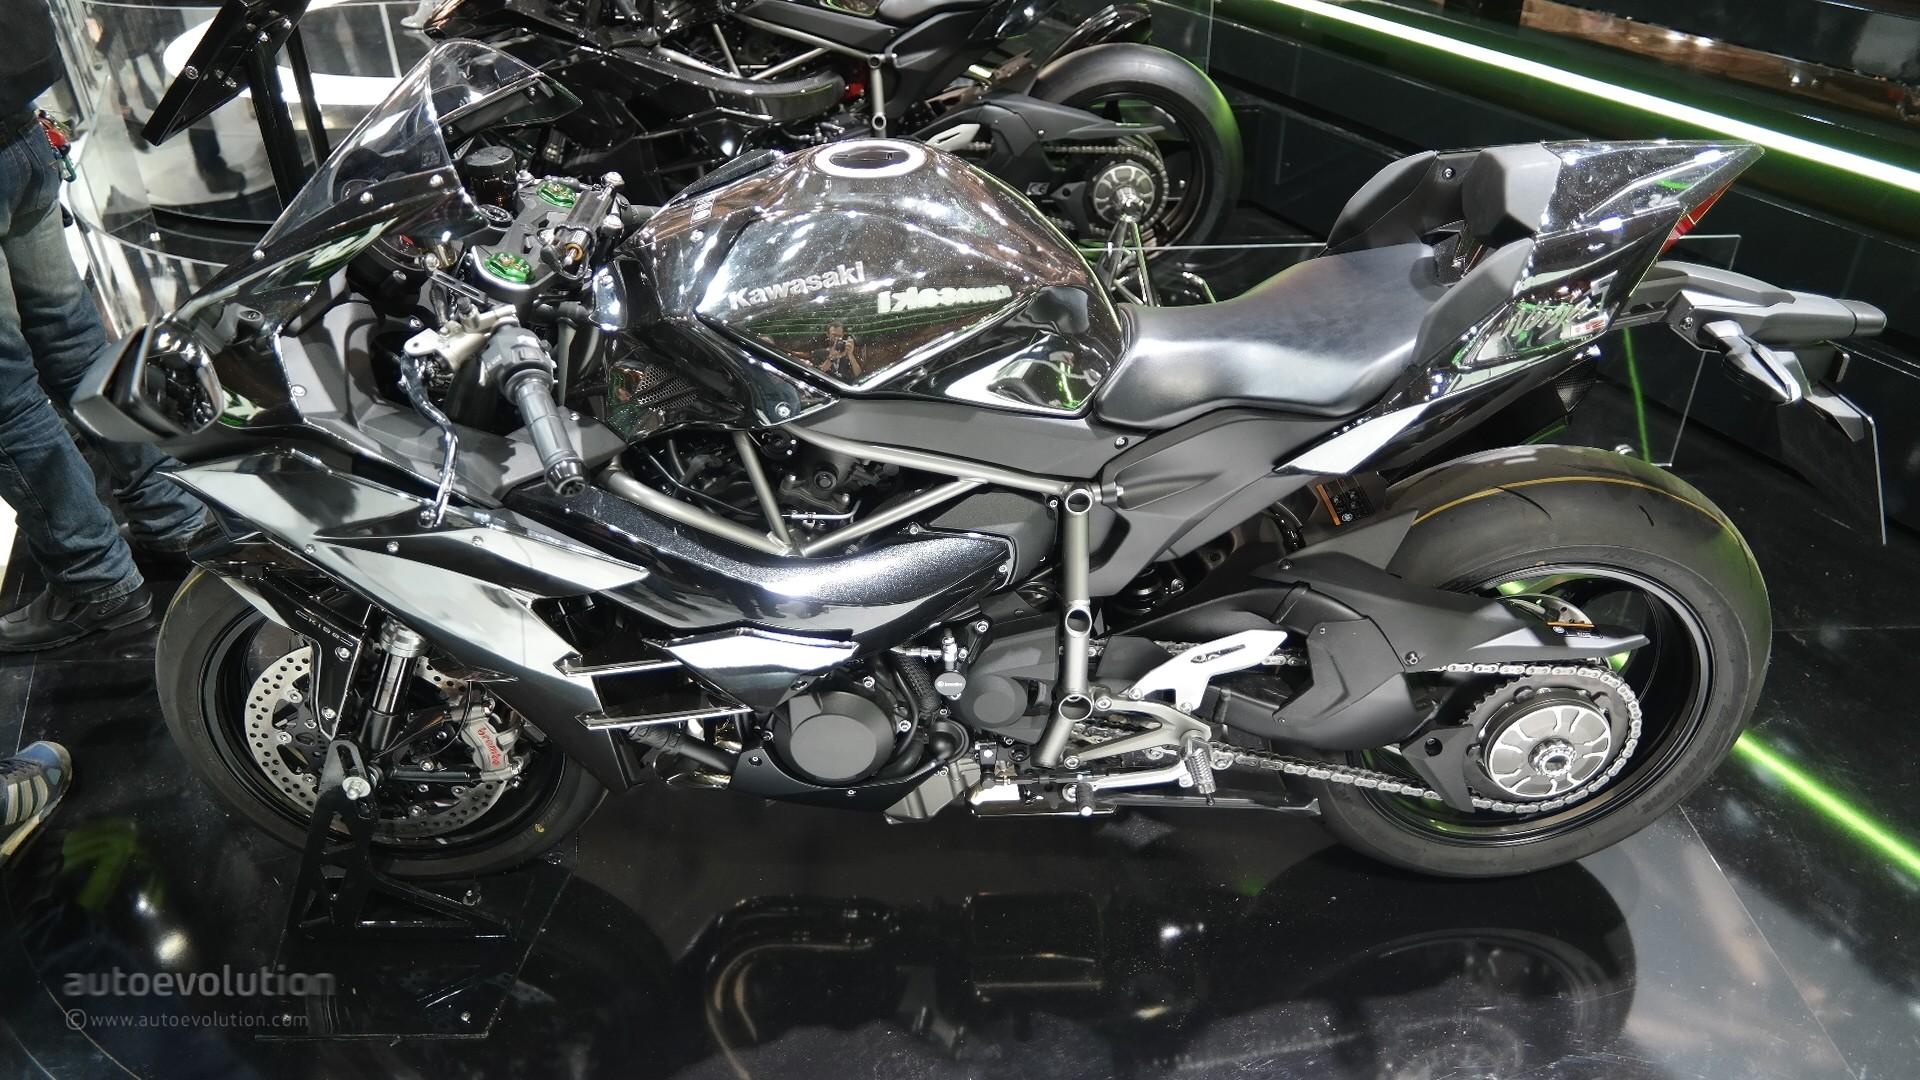 Kawasaki Ninja H Seen From Up Close Priced Live Photos